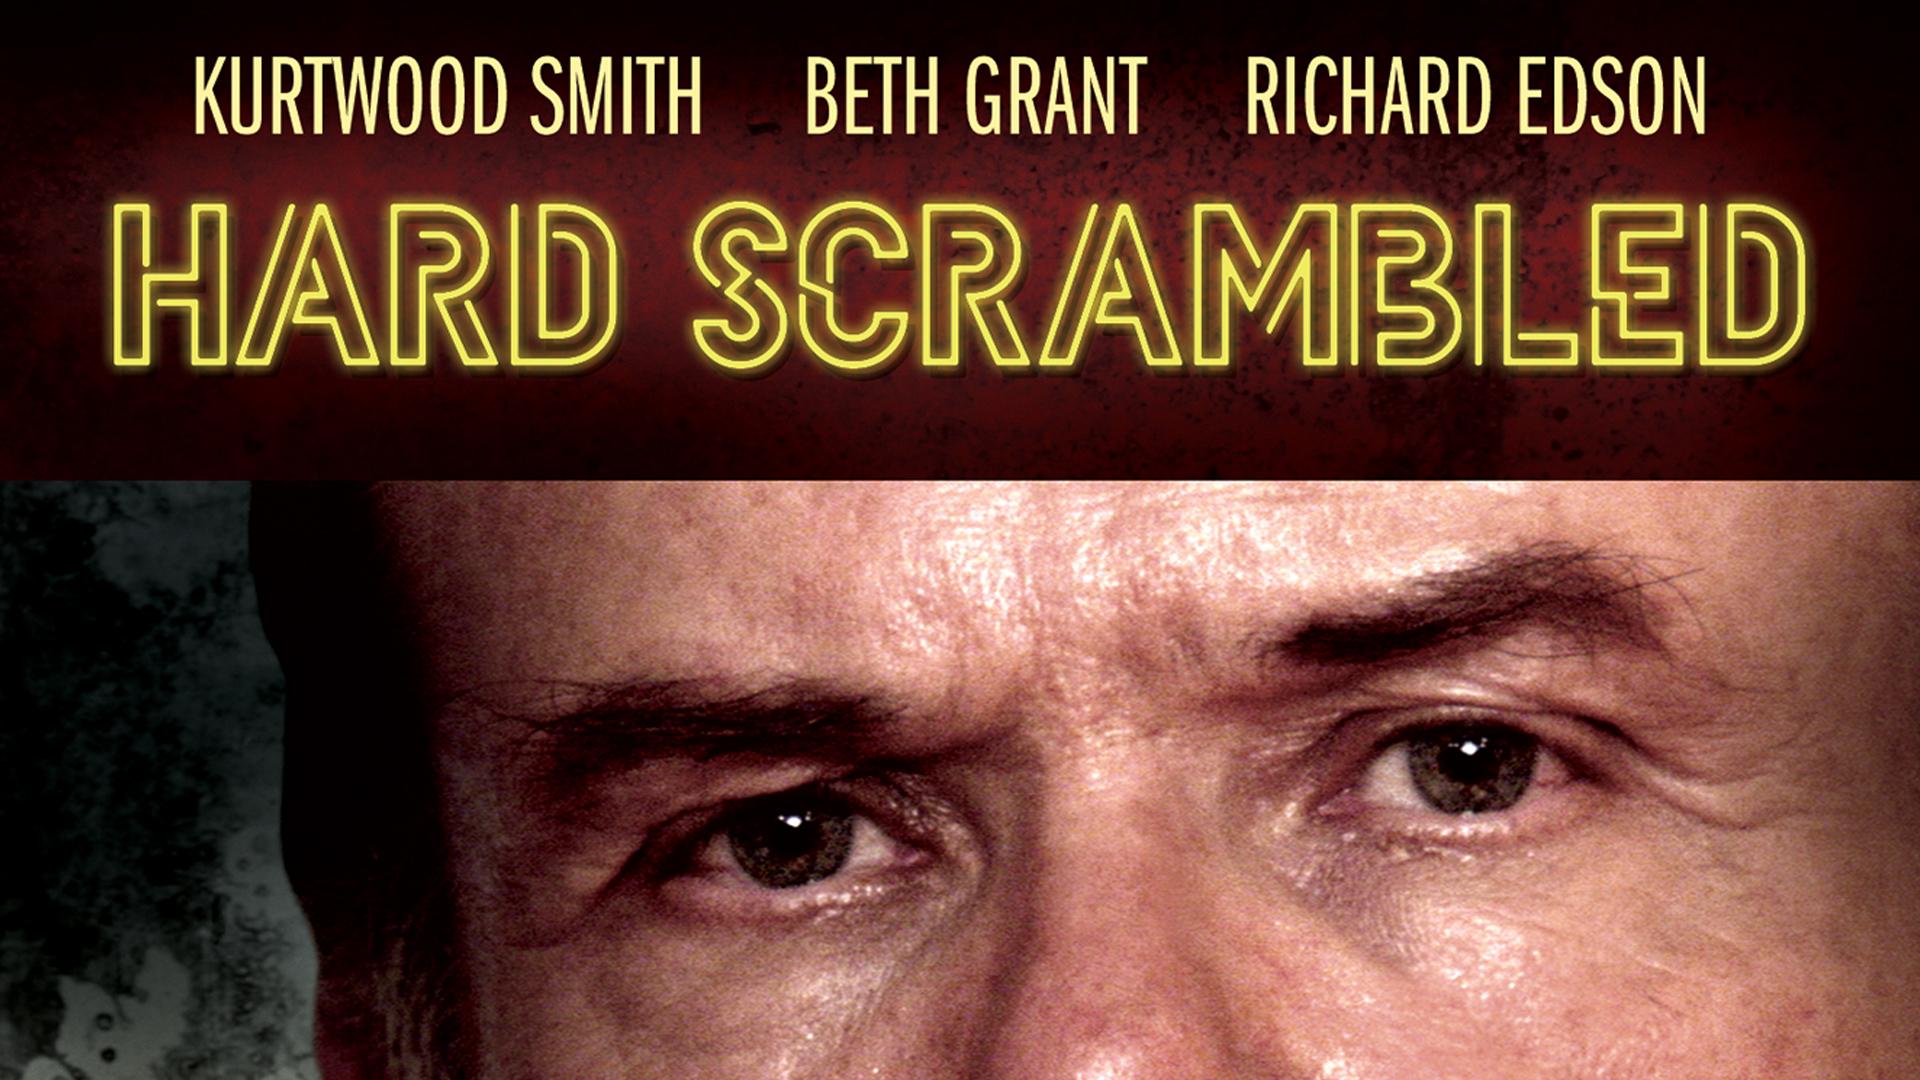 Hard Scrambled